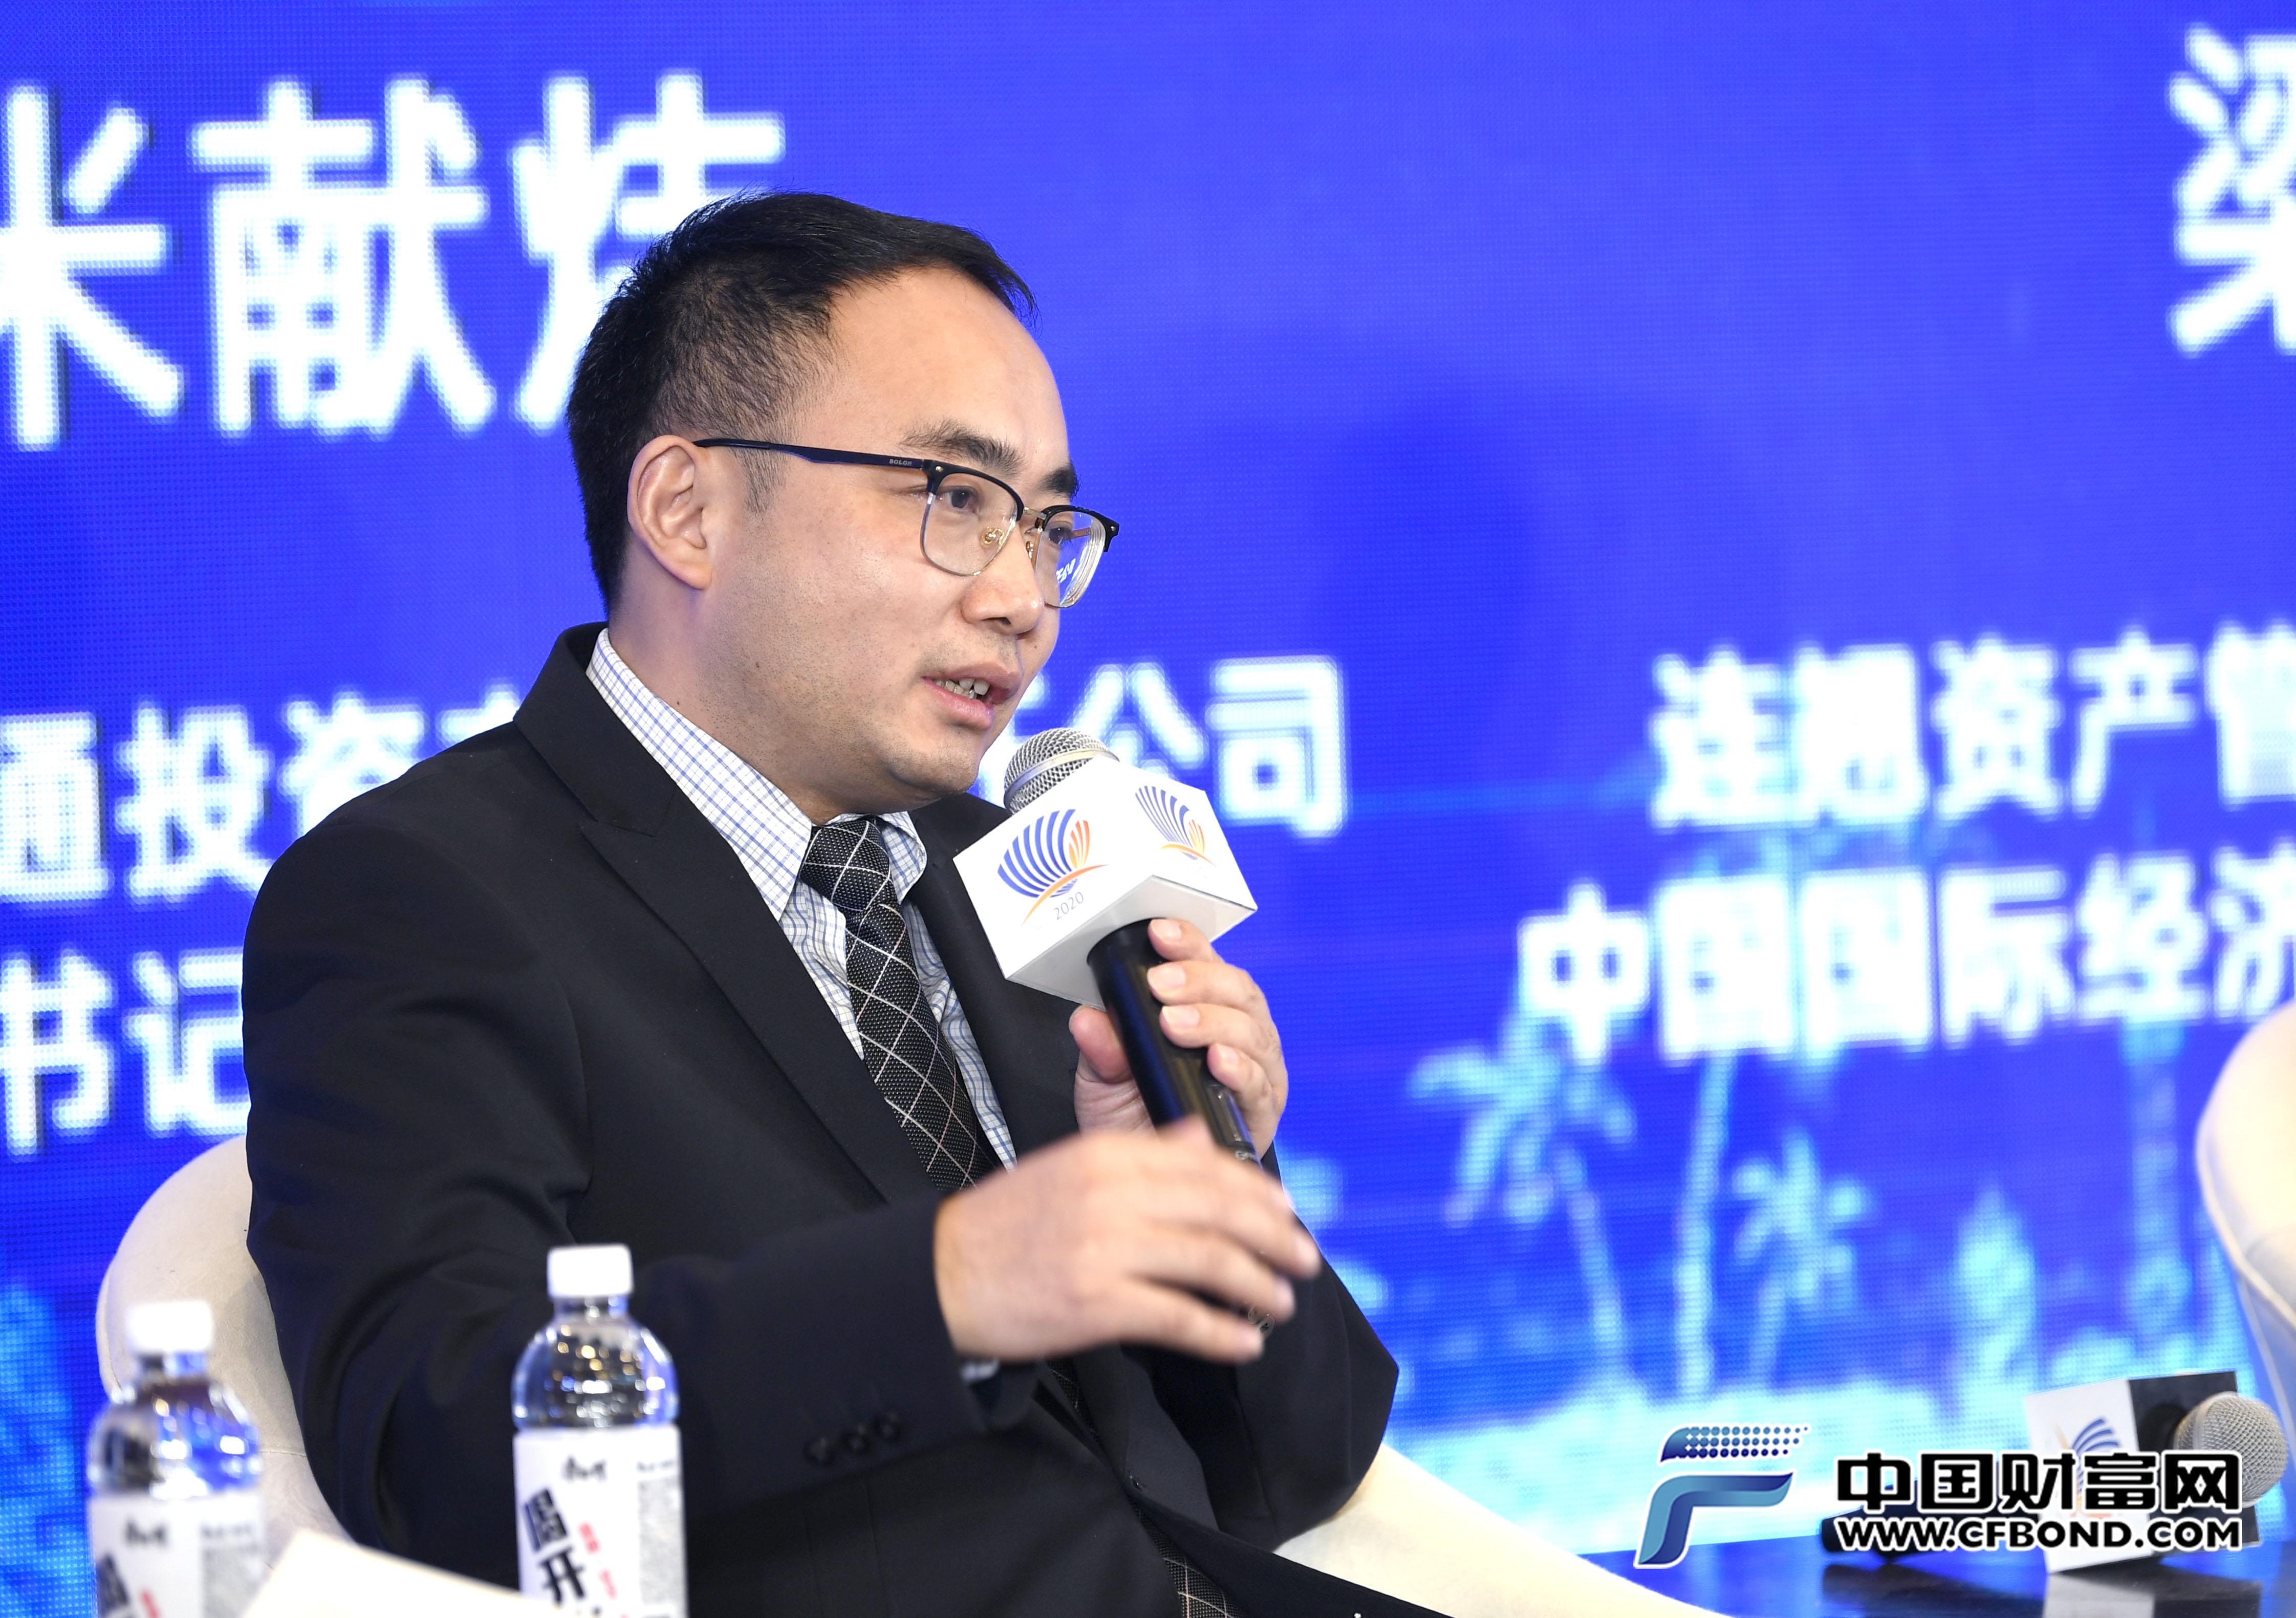 胡恒松:债市发行注册制落地有效提高发债效率